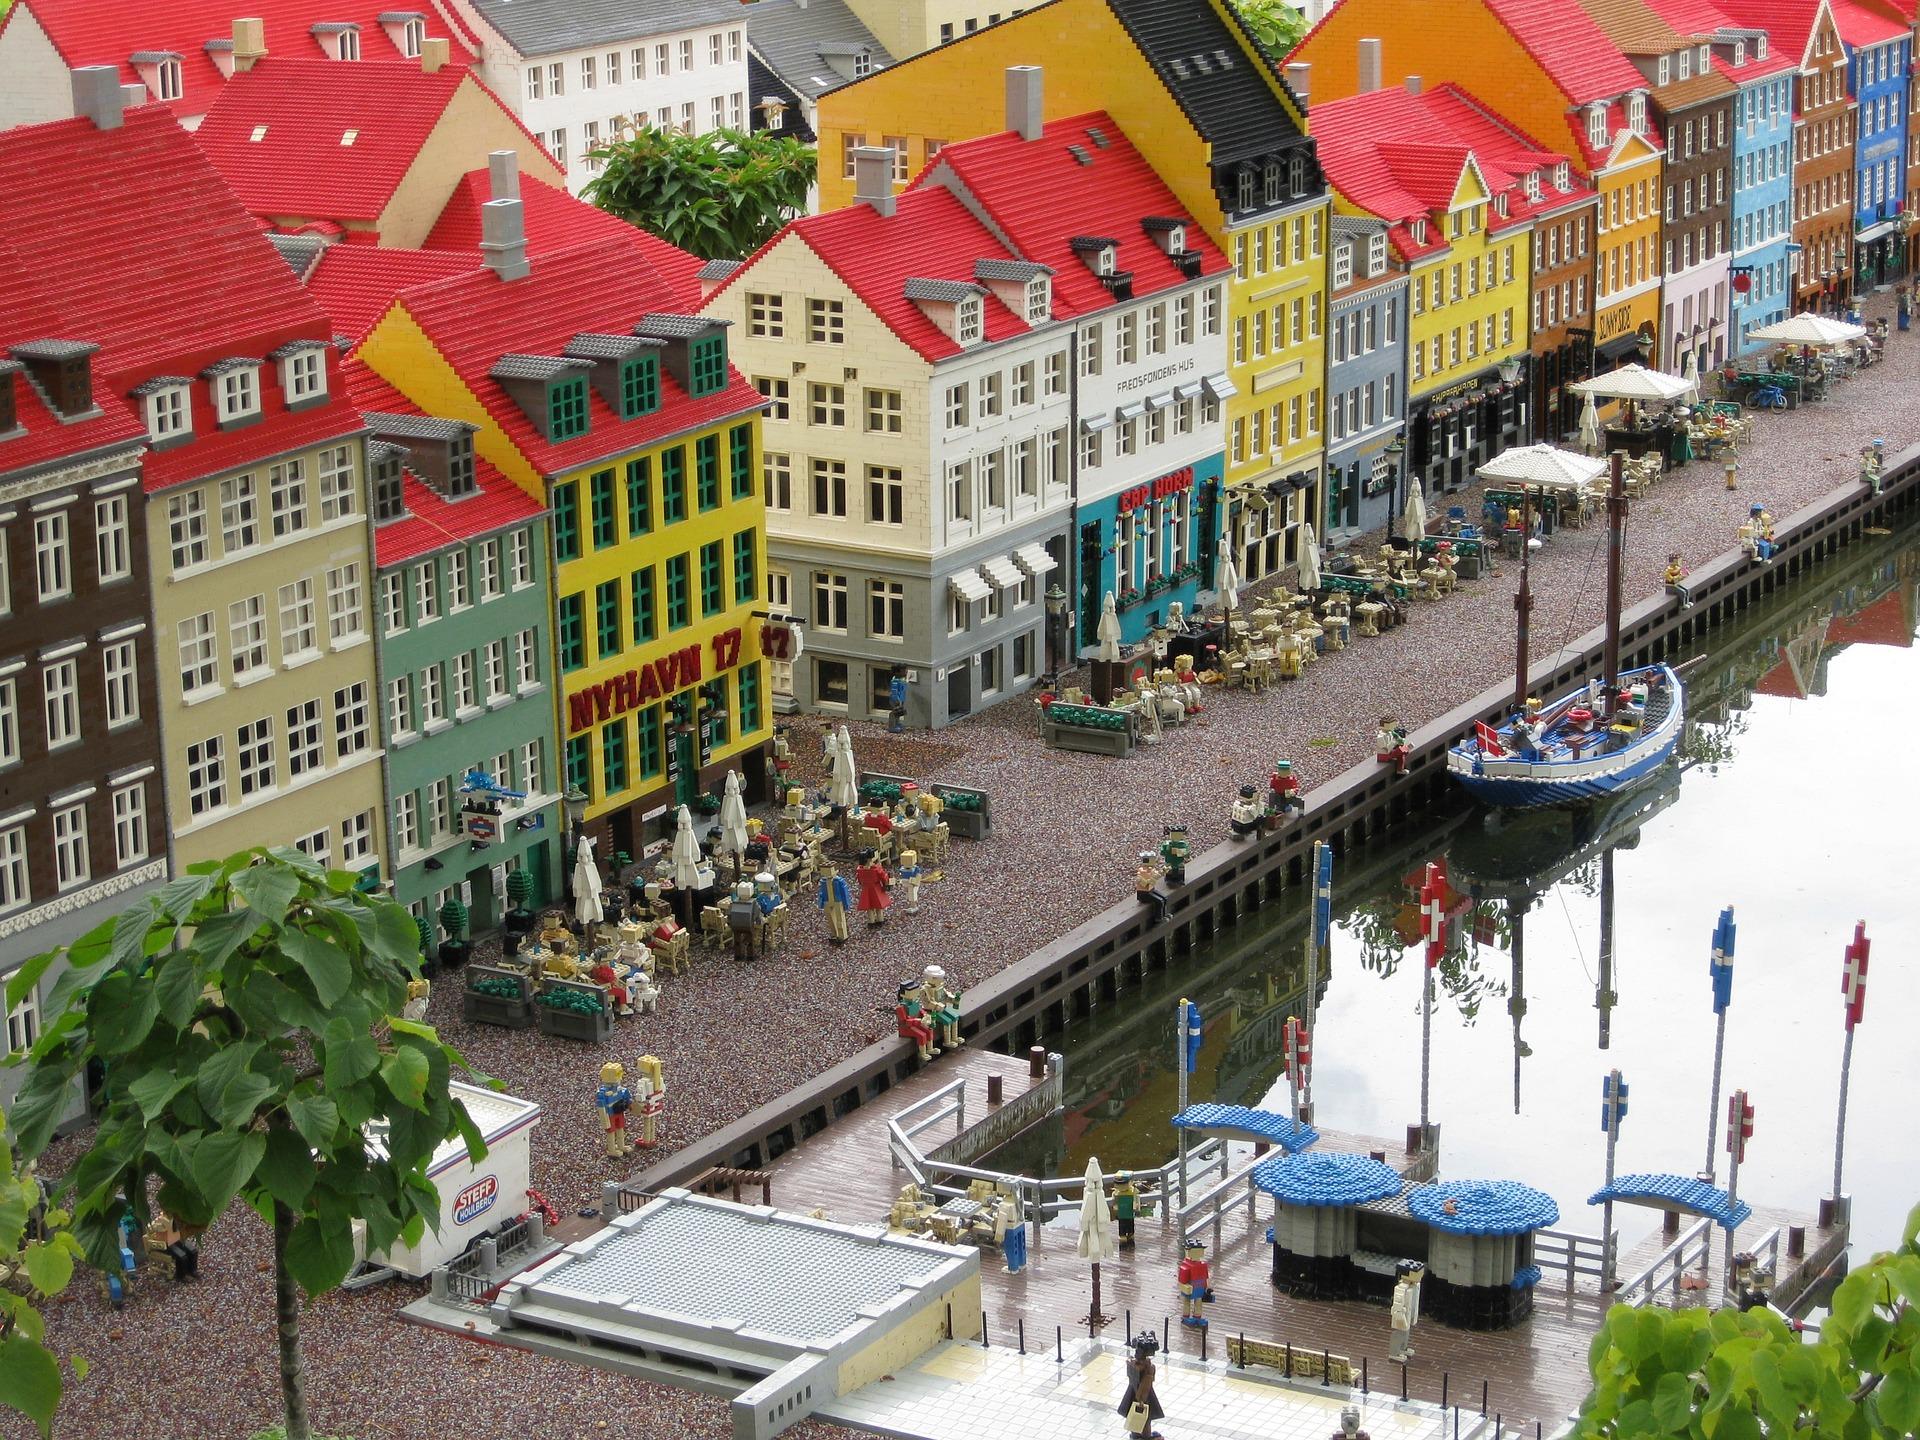 Nyhavn (New Harbour), Copenhagen, Denmark